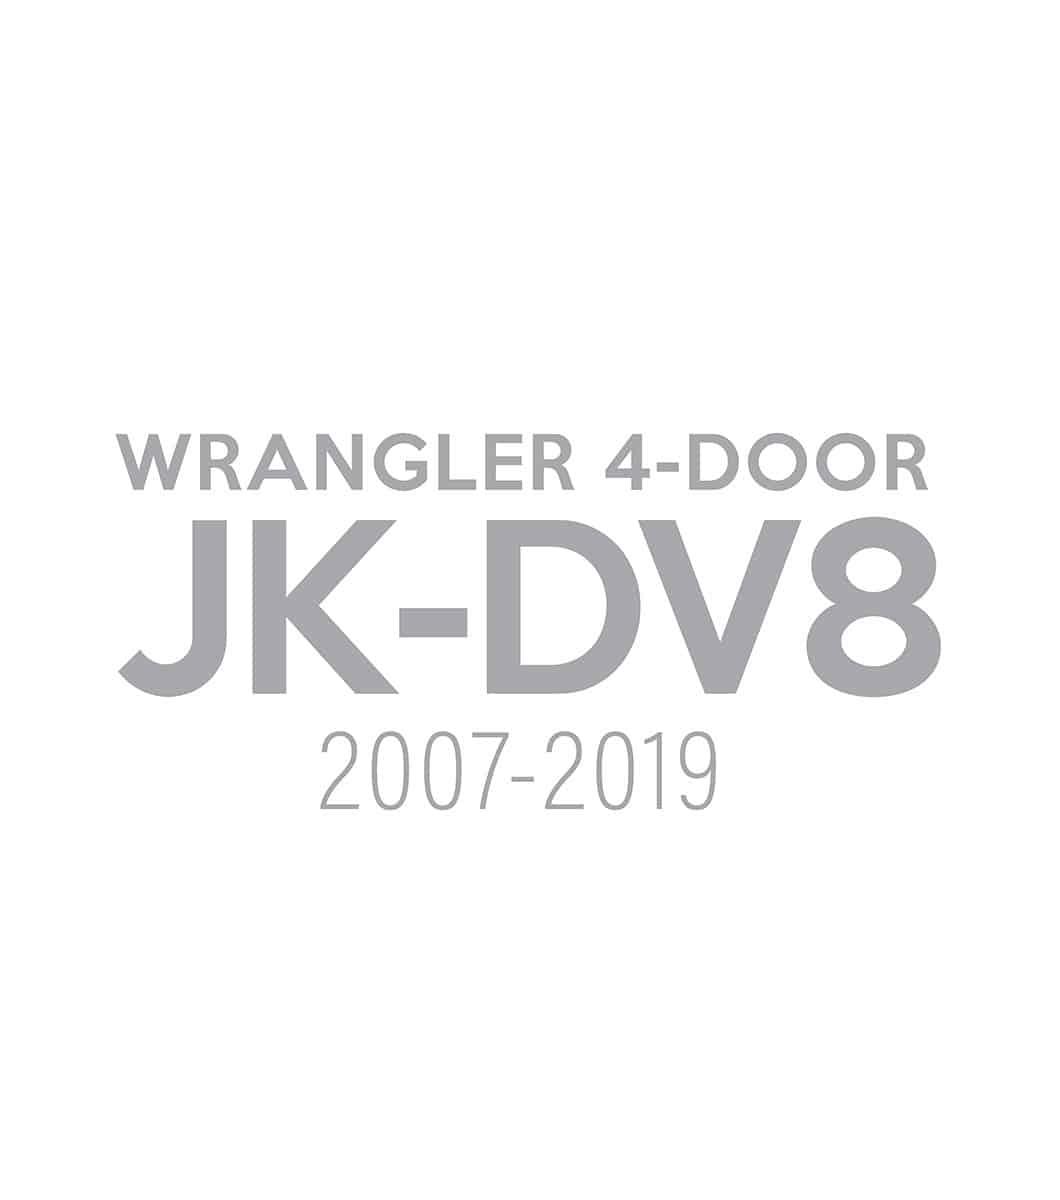 Jeep JKU-DV8 4Door